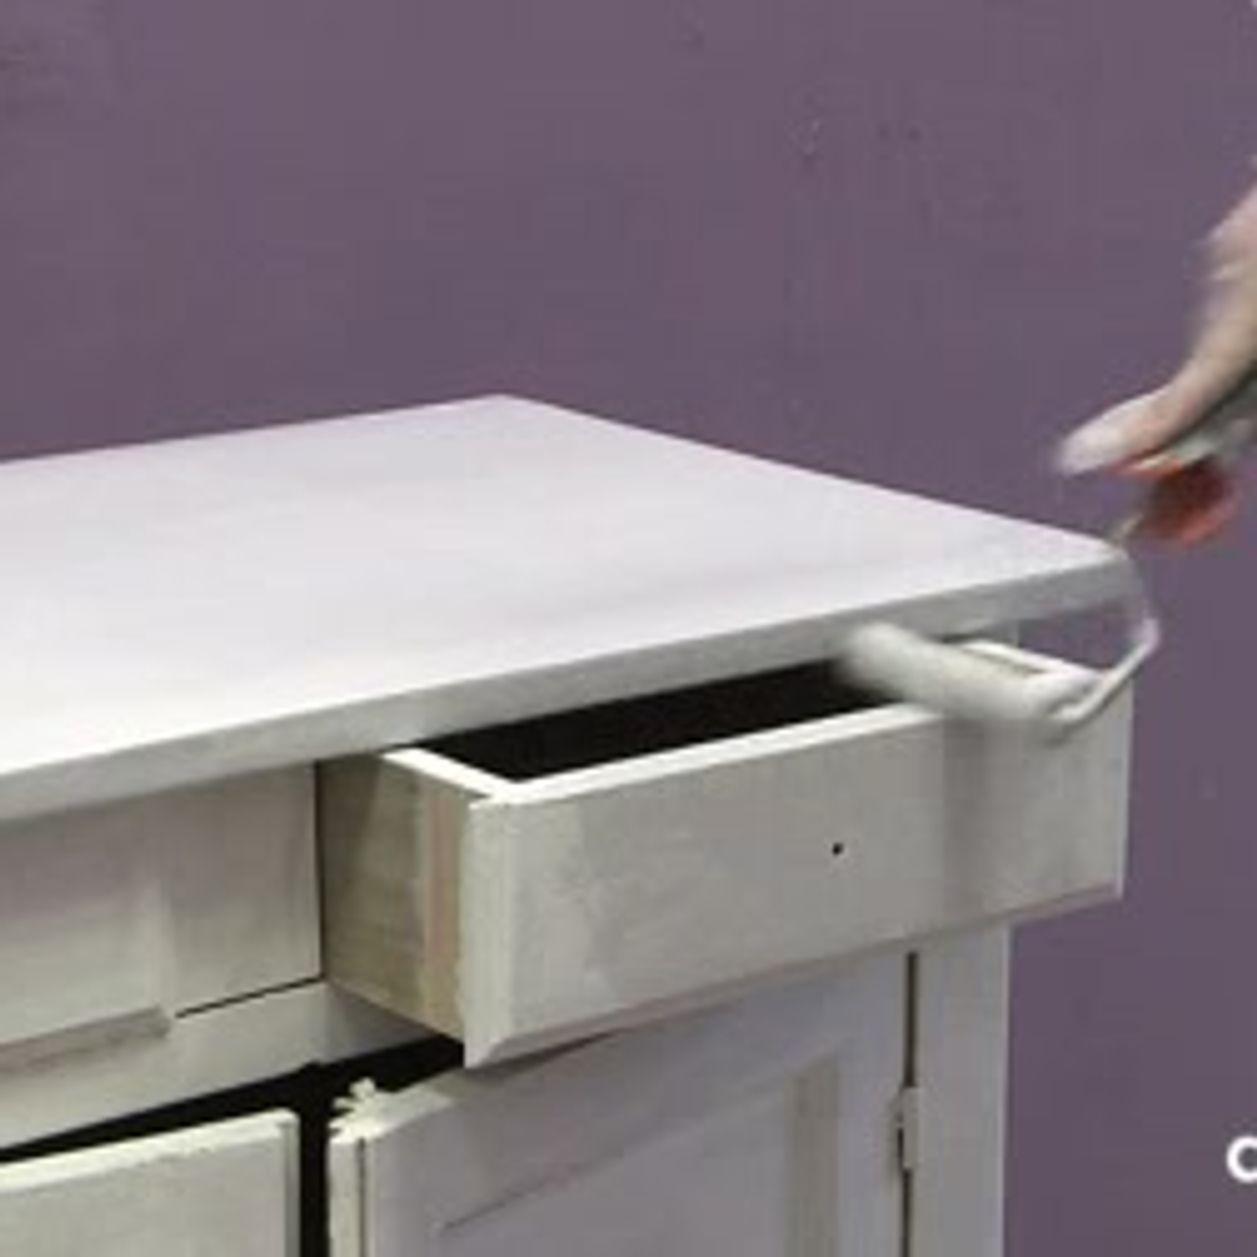 Comment Patiner Une Table patiner un meuble - tutoriel vidéo : comment patiner un meuble